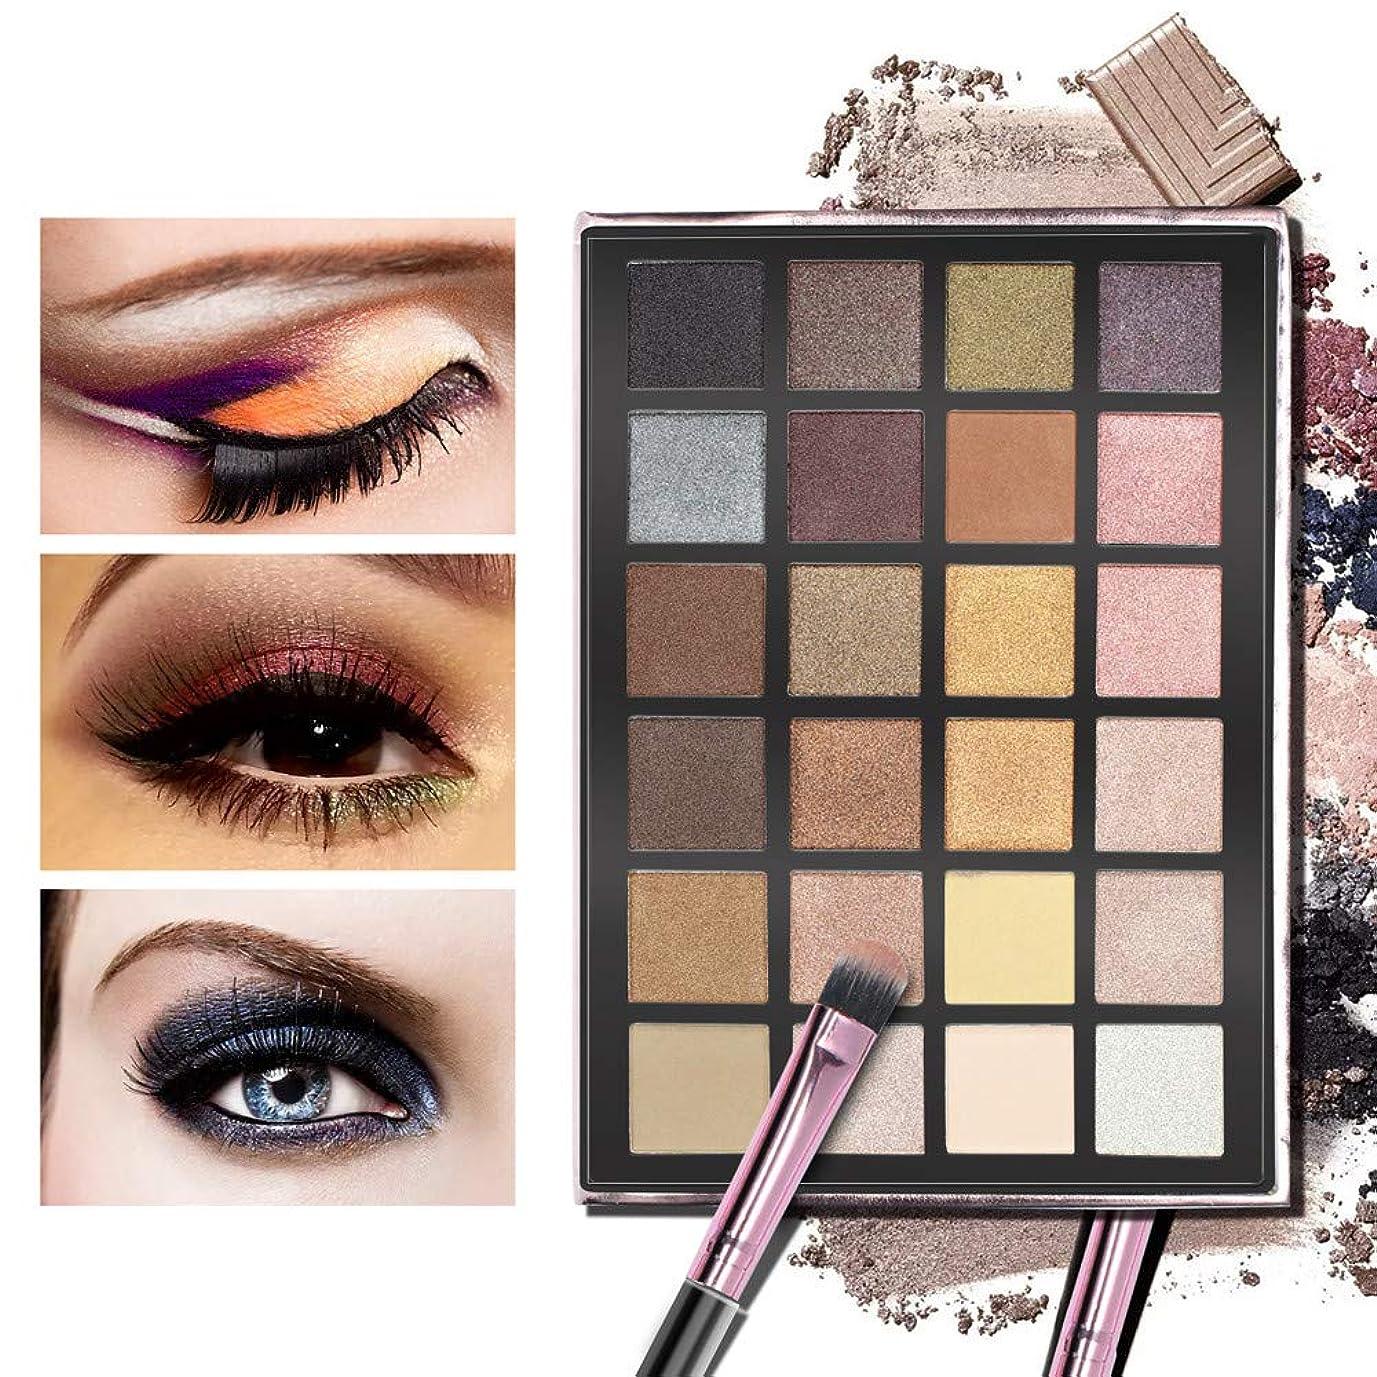 購入付属品男やもめAkane アイシャドウパレット ANYLADY 人気 ファッション ゴージャス 綺麗 欧米風 日本人肌に合う マット つや消し 持ち便利 Eye Shadow (24色)